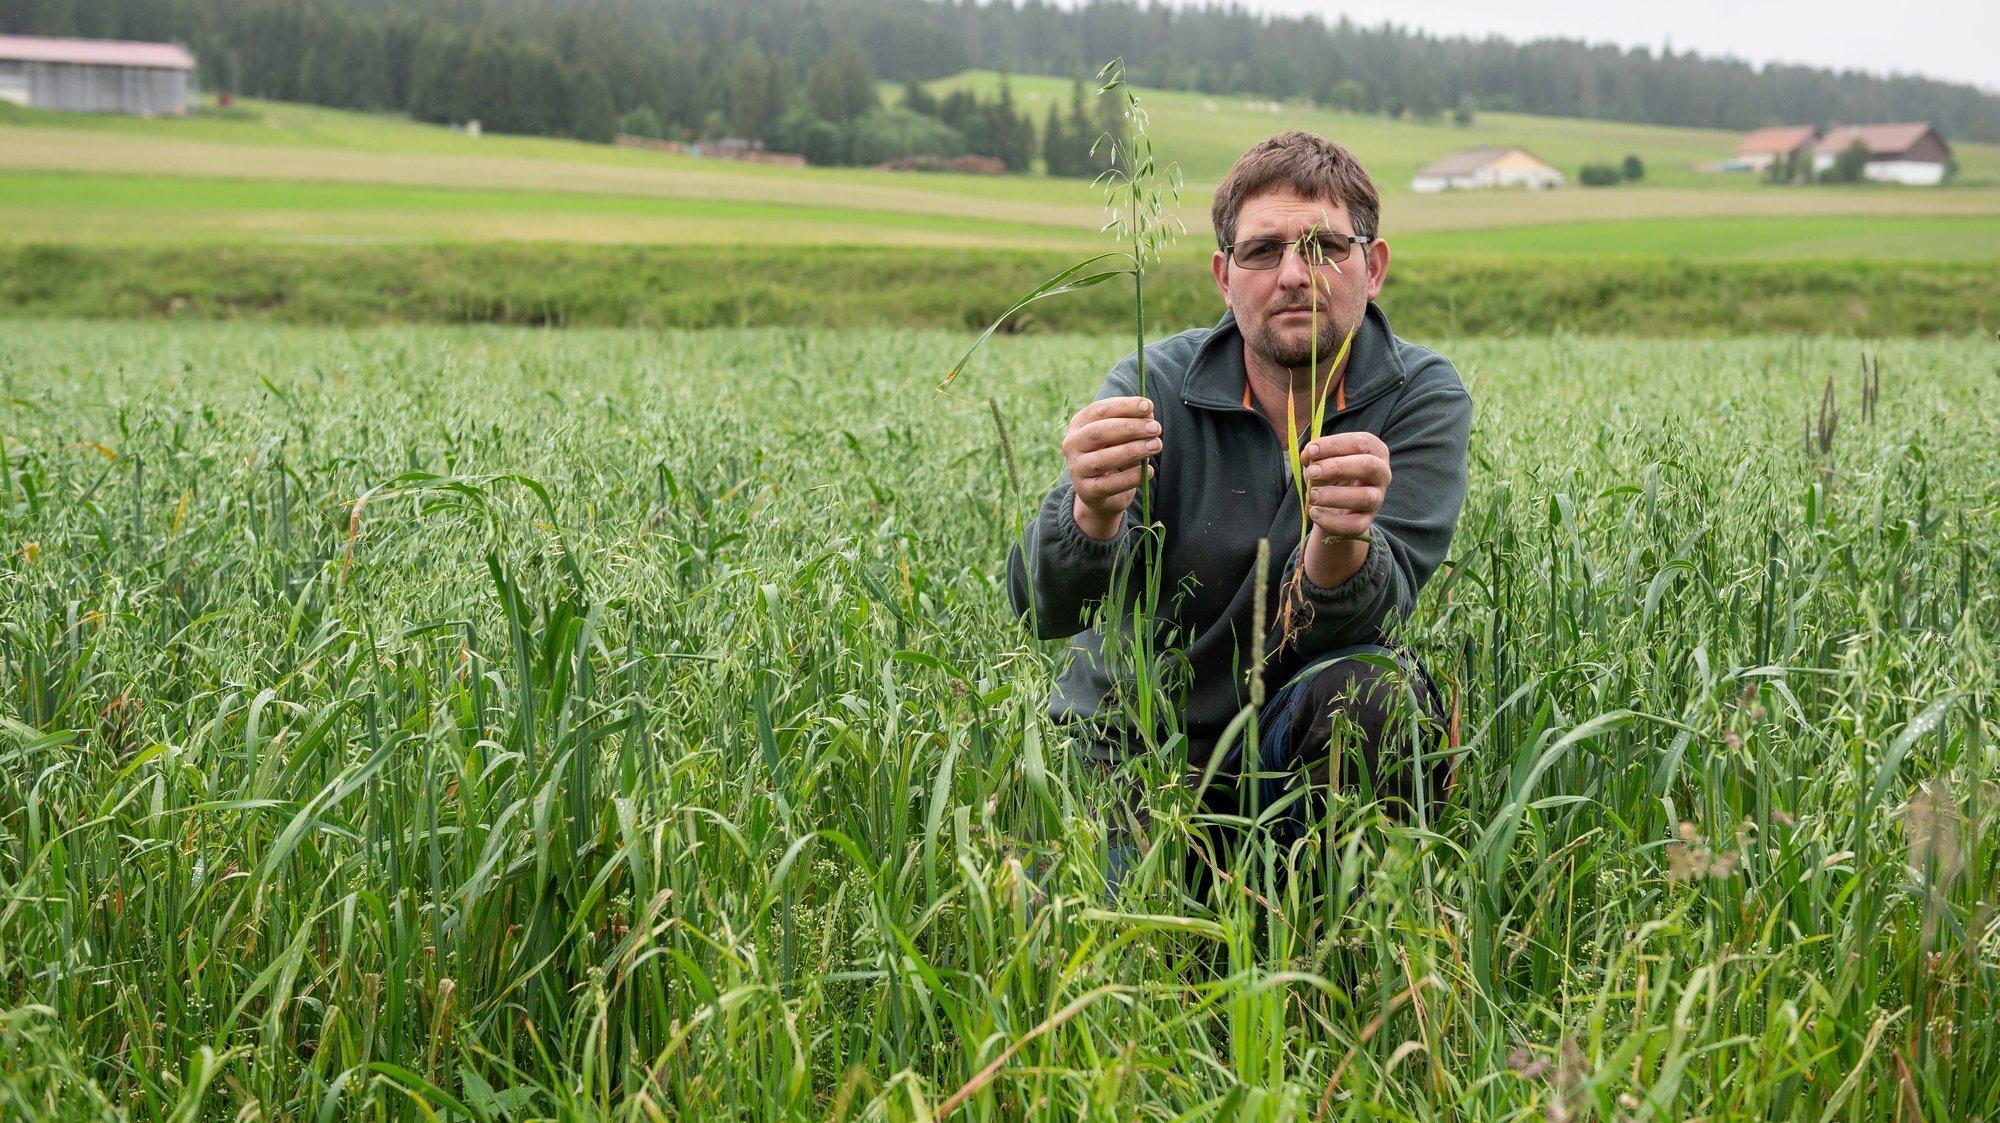 """Eddy Jeanneret dans sa culture d'avoine ravagée par la grêle et la pluie: """"La culture devait produire six tonnes. Cette année, j'espère en récolter 600 kilos."""""""